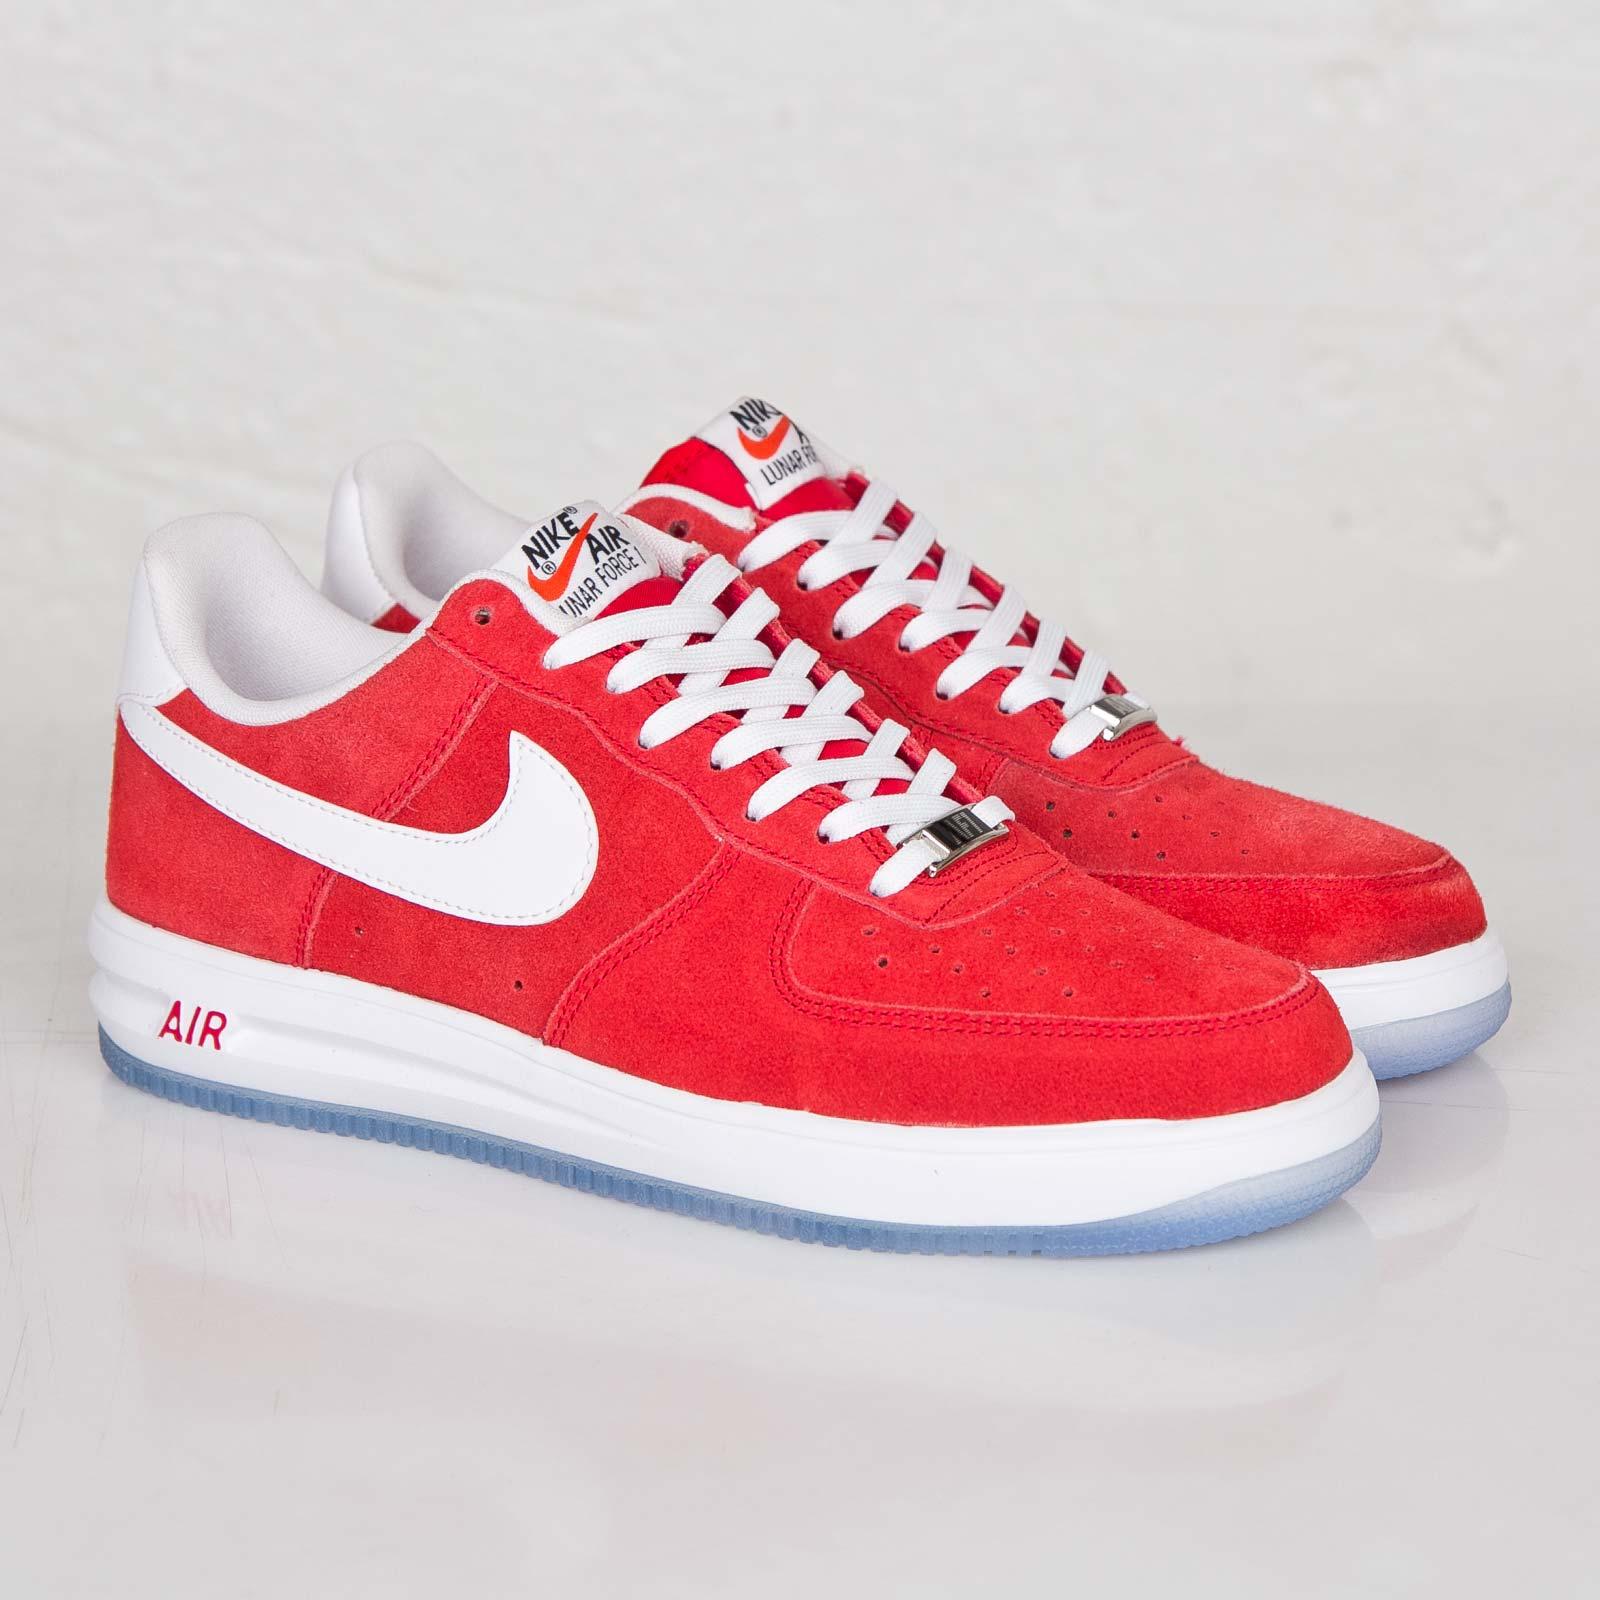 Nike Lunar Force 1 14 - 654256-601 - SNS   sneakers & streetwear ...